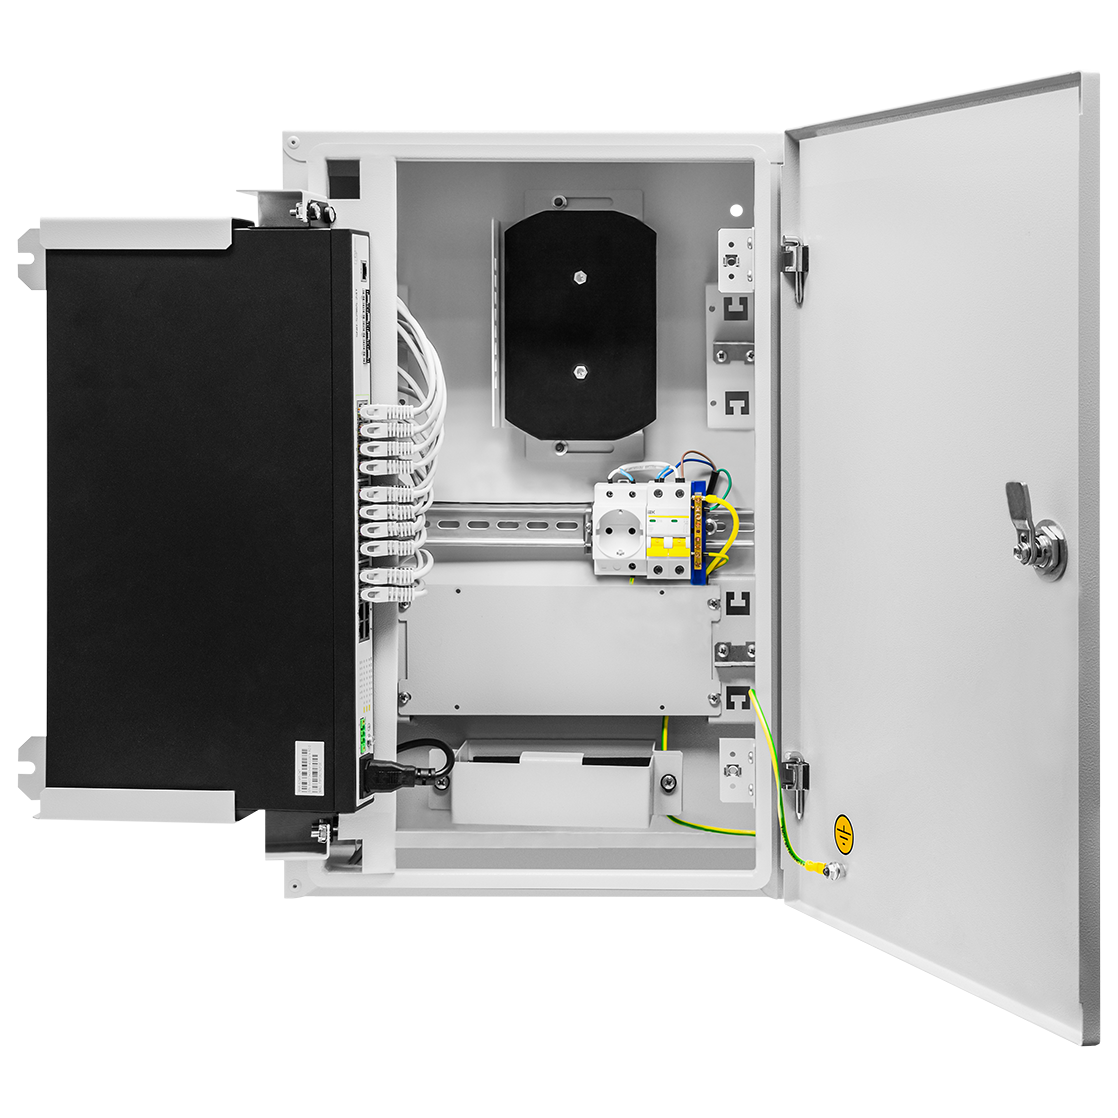 Шкаф телекоммуникационный для узла доступа 600х400x200мм, серия RT с блоком питания (SNR-TWC-604020-RTU-IP30) (после теста)